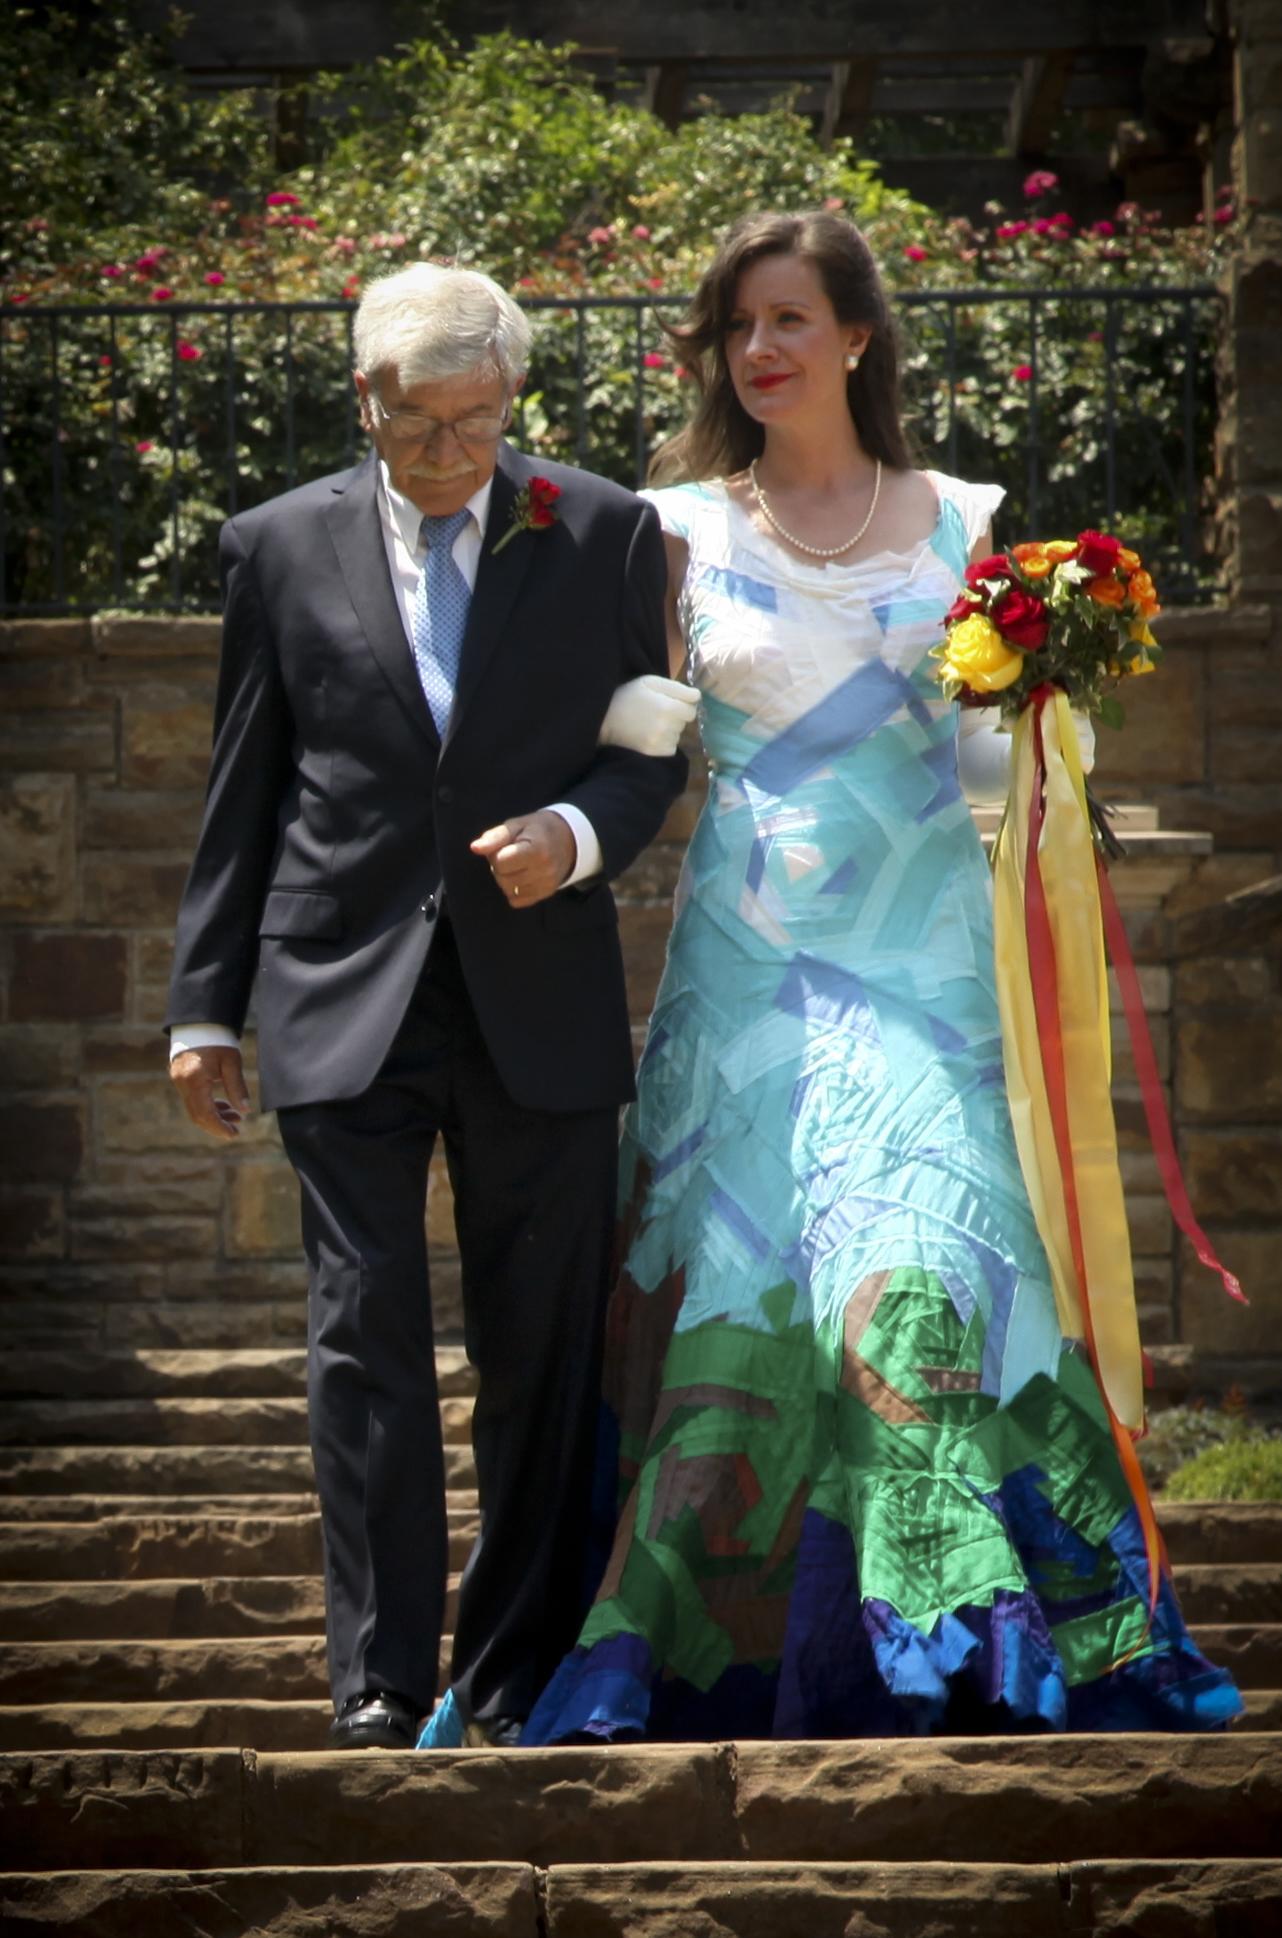 Tiana + Jimmy's wedding